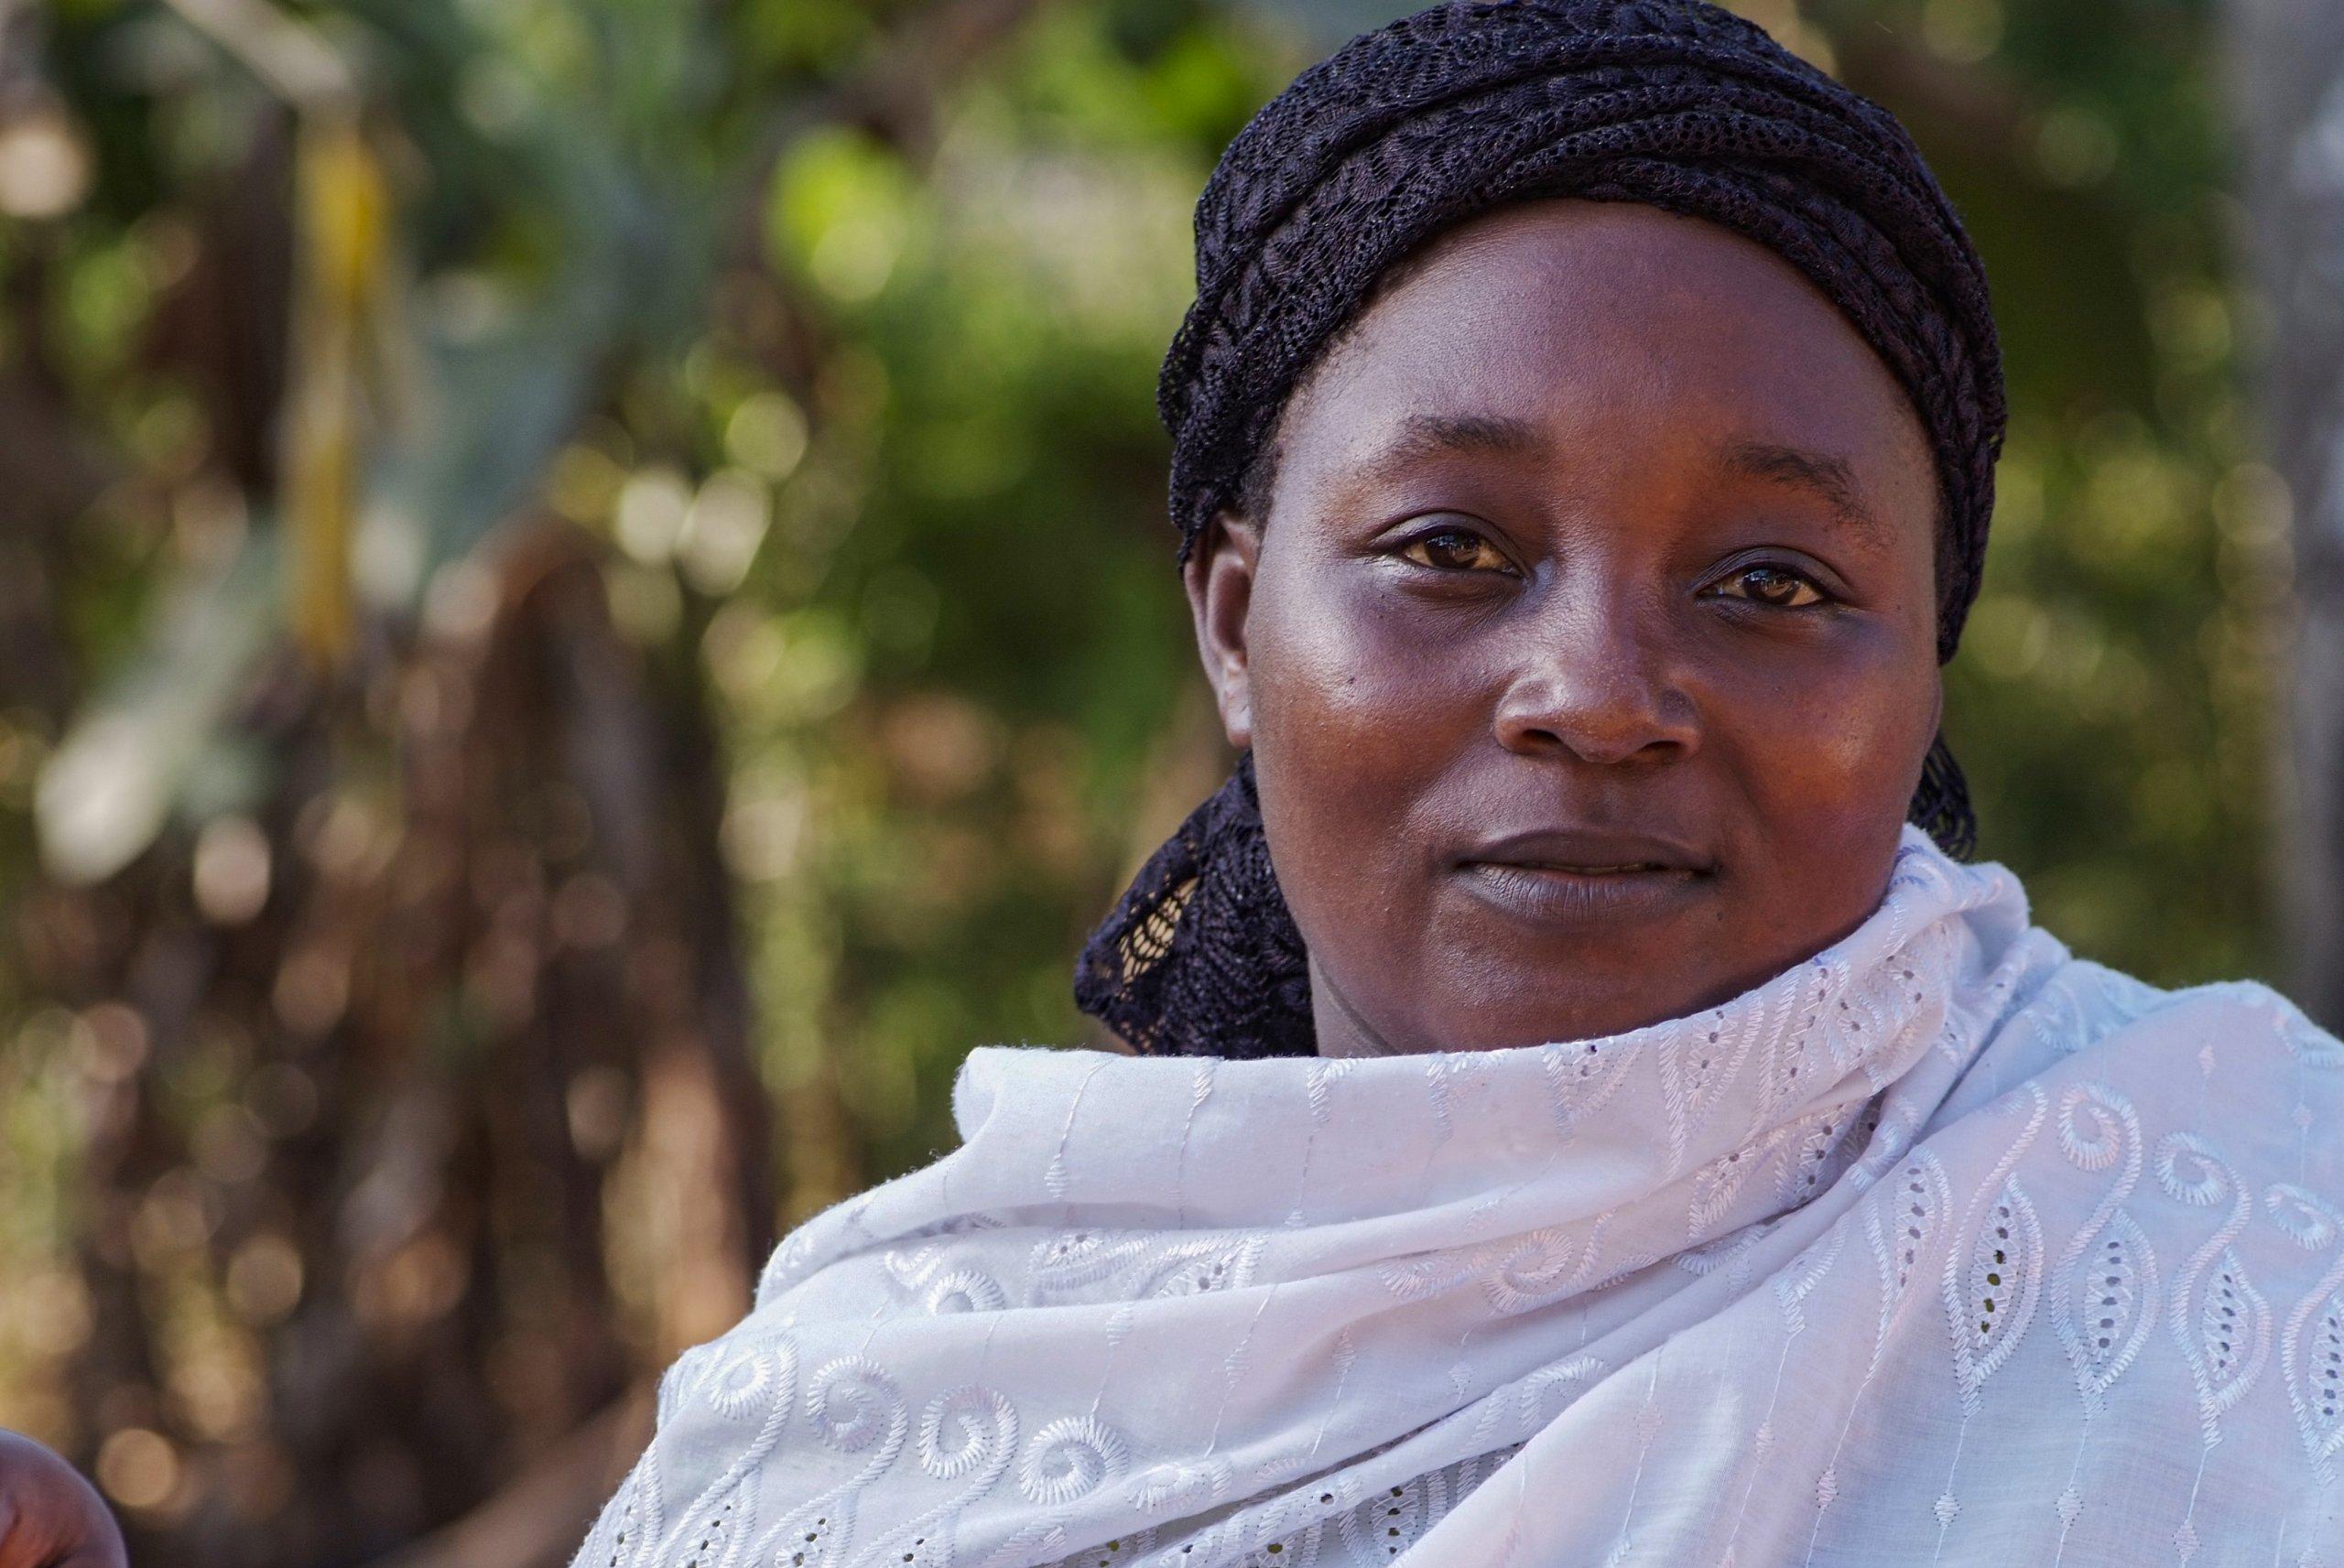 29 03 boerin trotsevrouw Zidina Rwiza Pangani Tanzania 5624 scaled